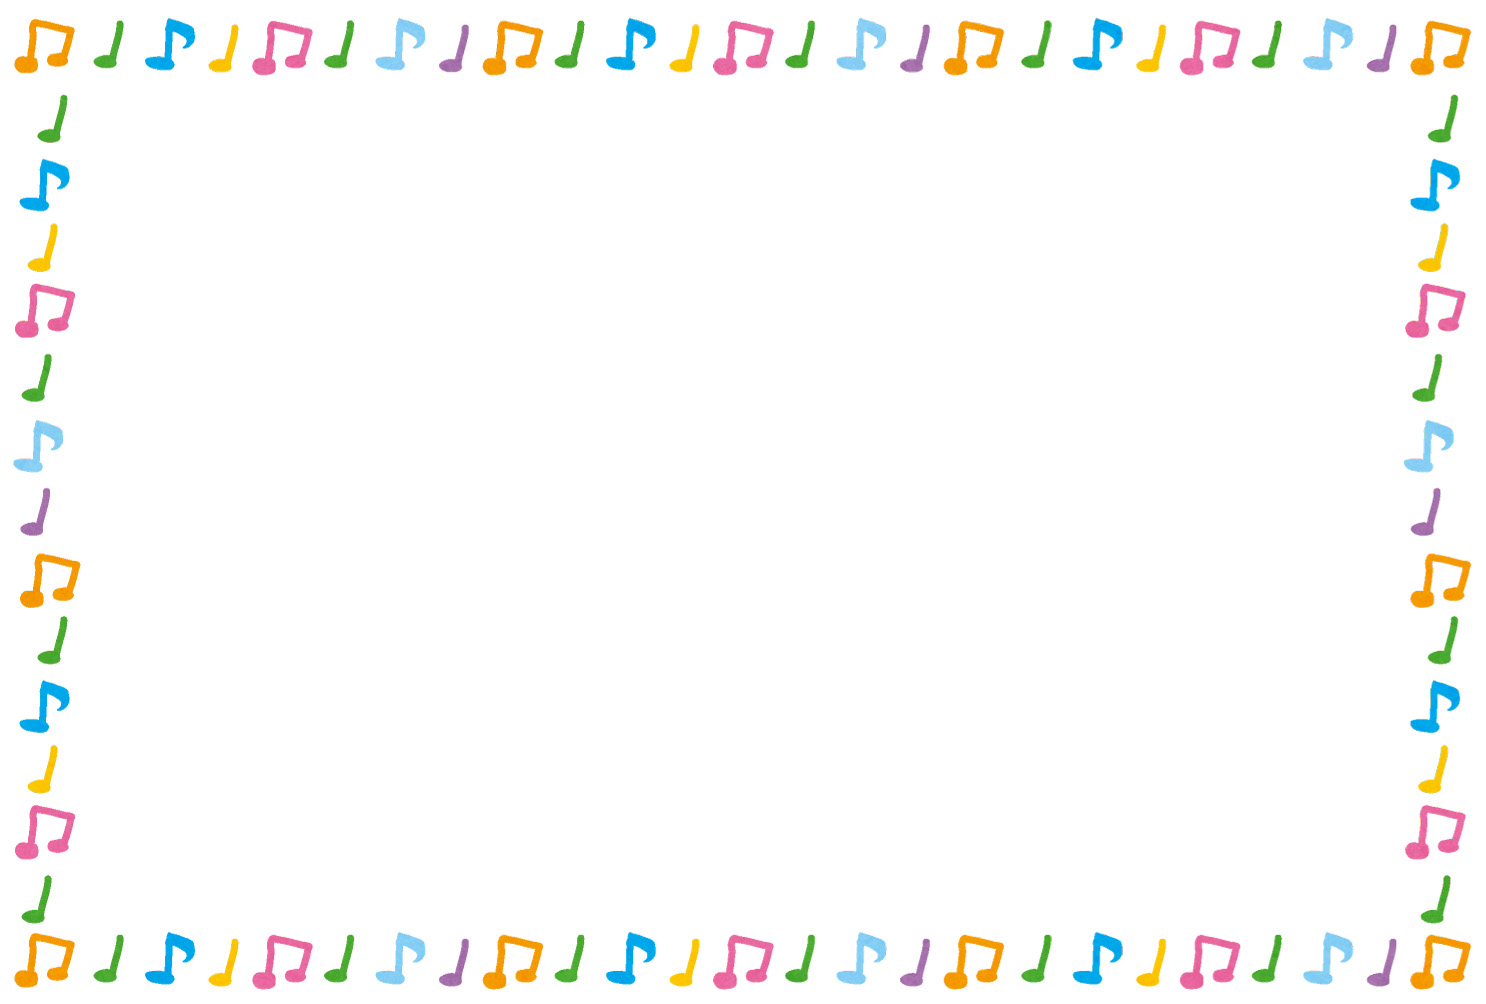 音符のイラストフレーム(枠) | かわいいフリー素材集 いらすとや